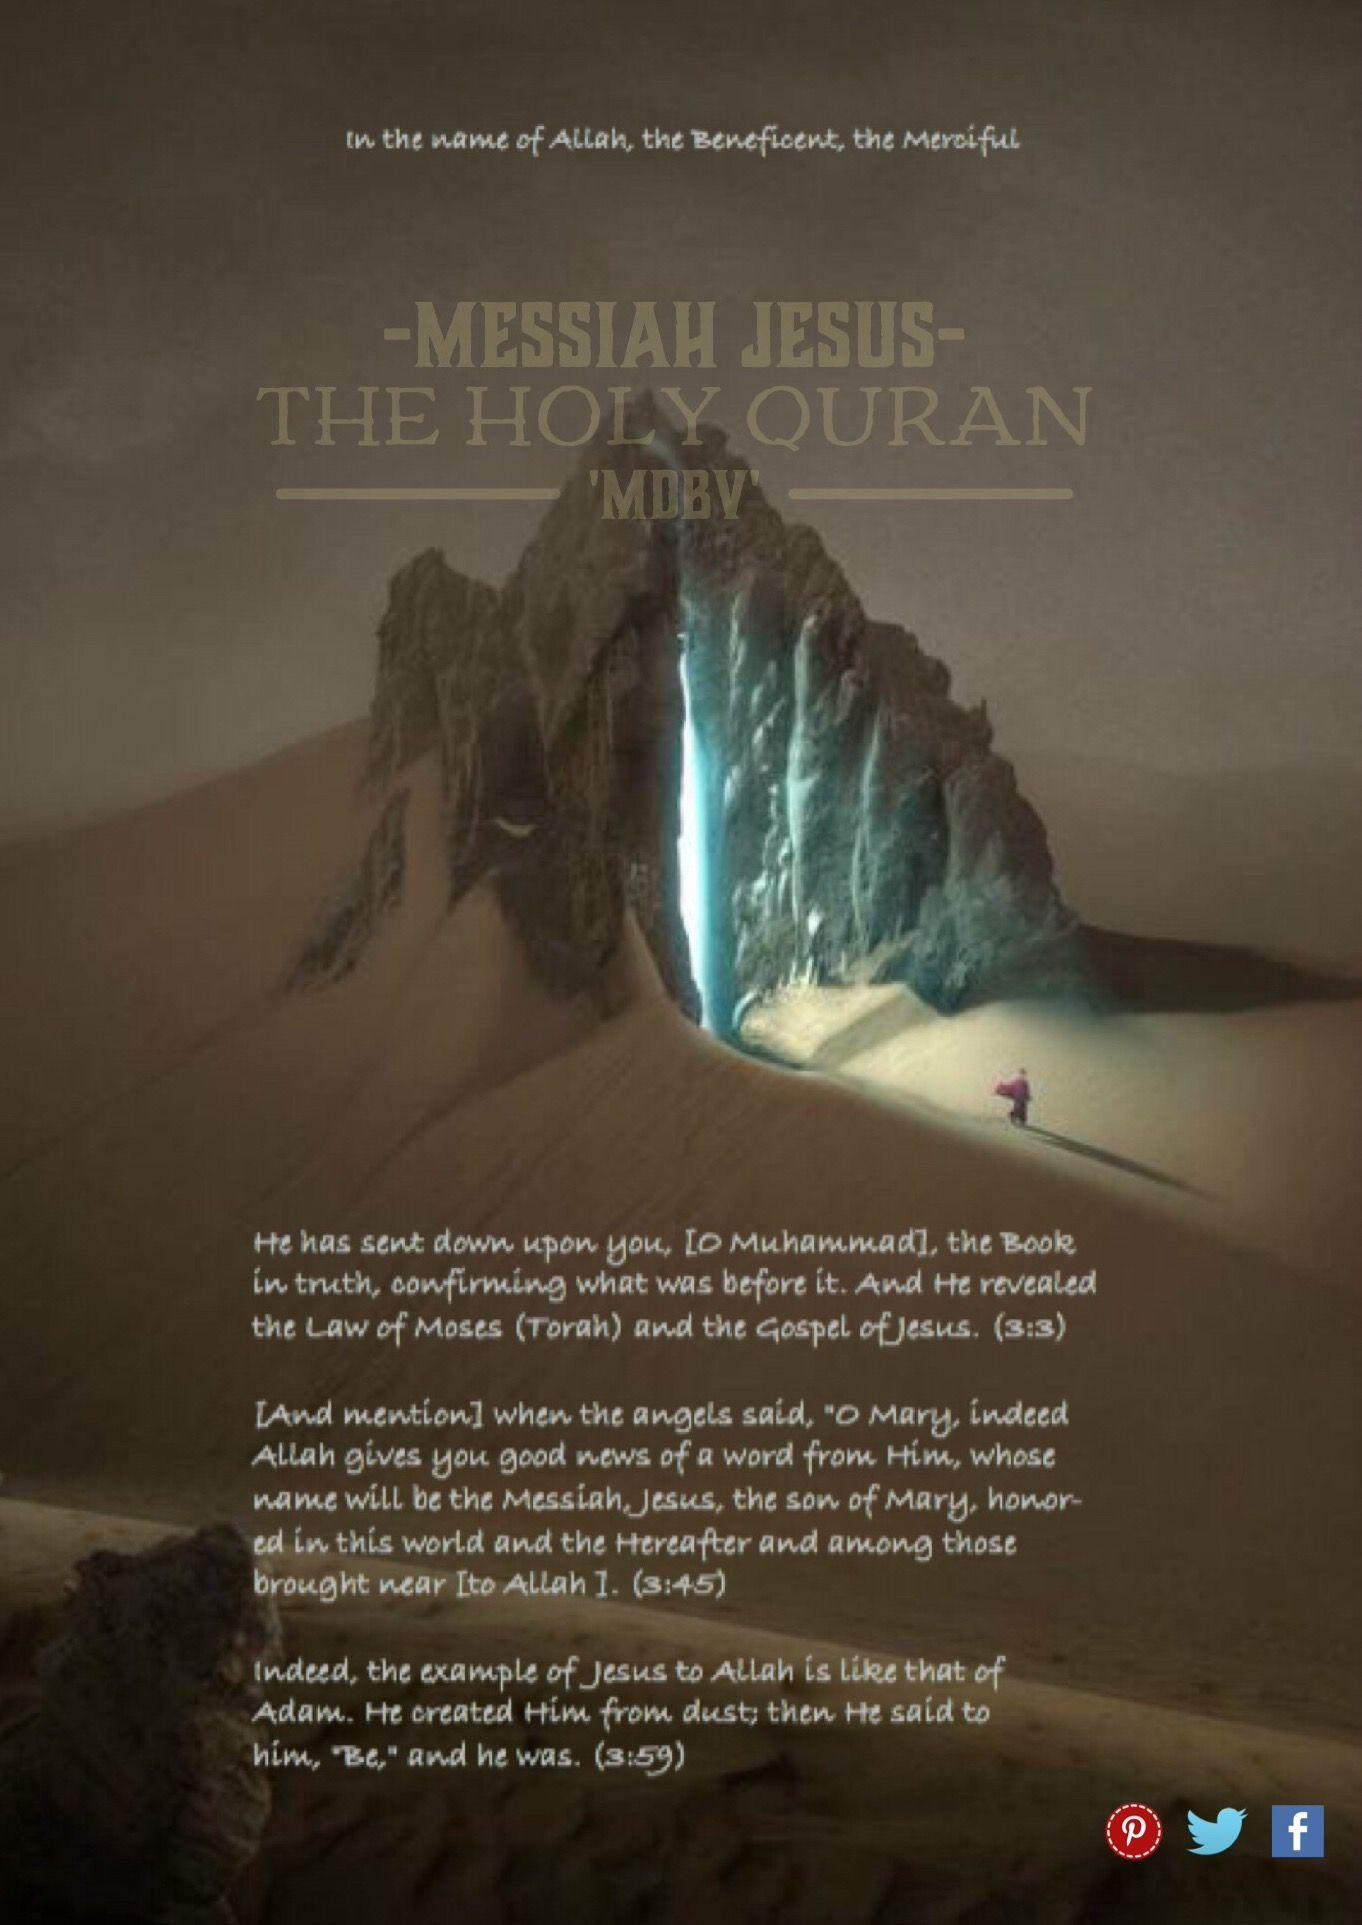 'Messiah Jesus'